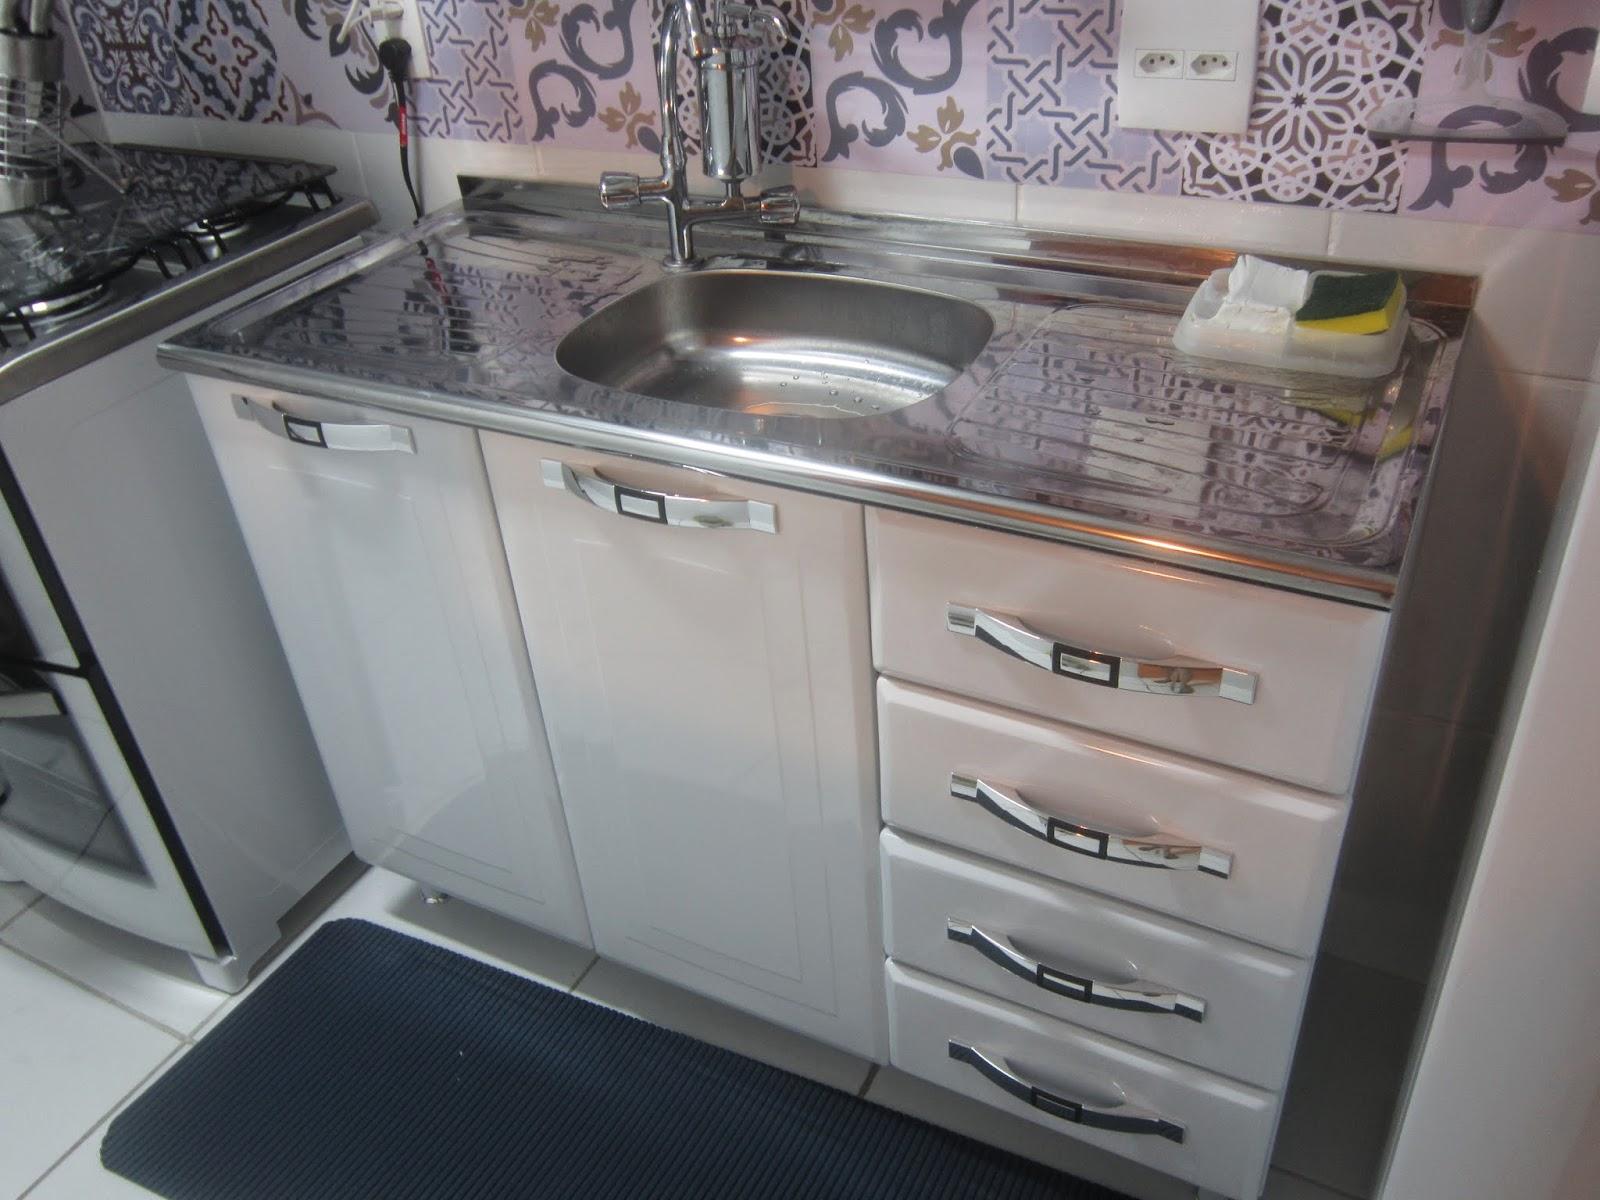 Armario De Parede Inox : Cafofo sonhado uma cozinha pequena e leve pro bolso